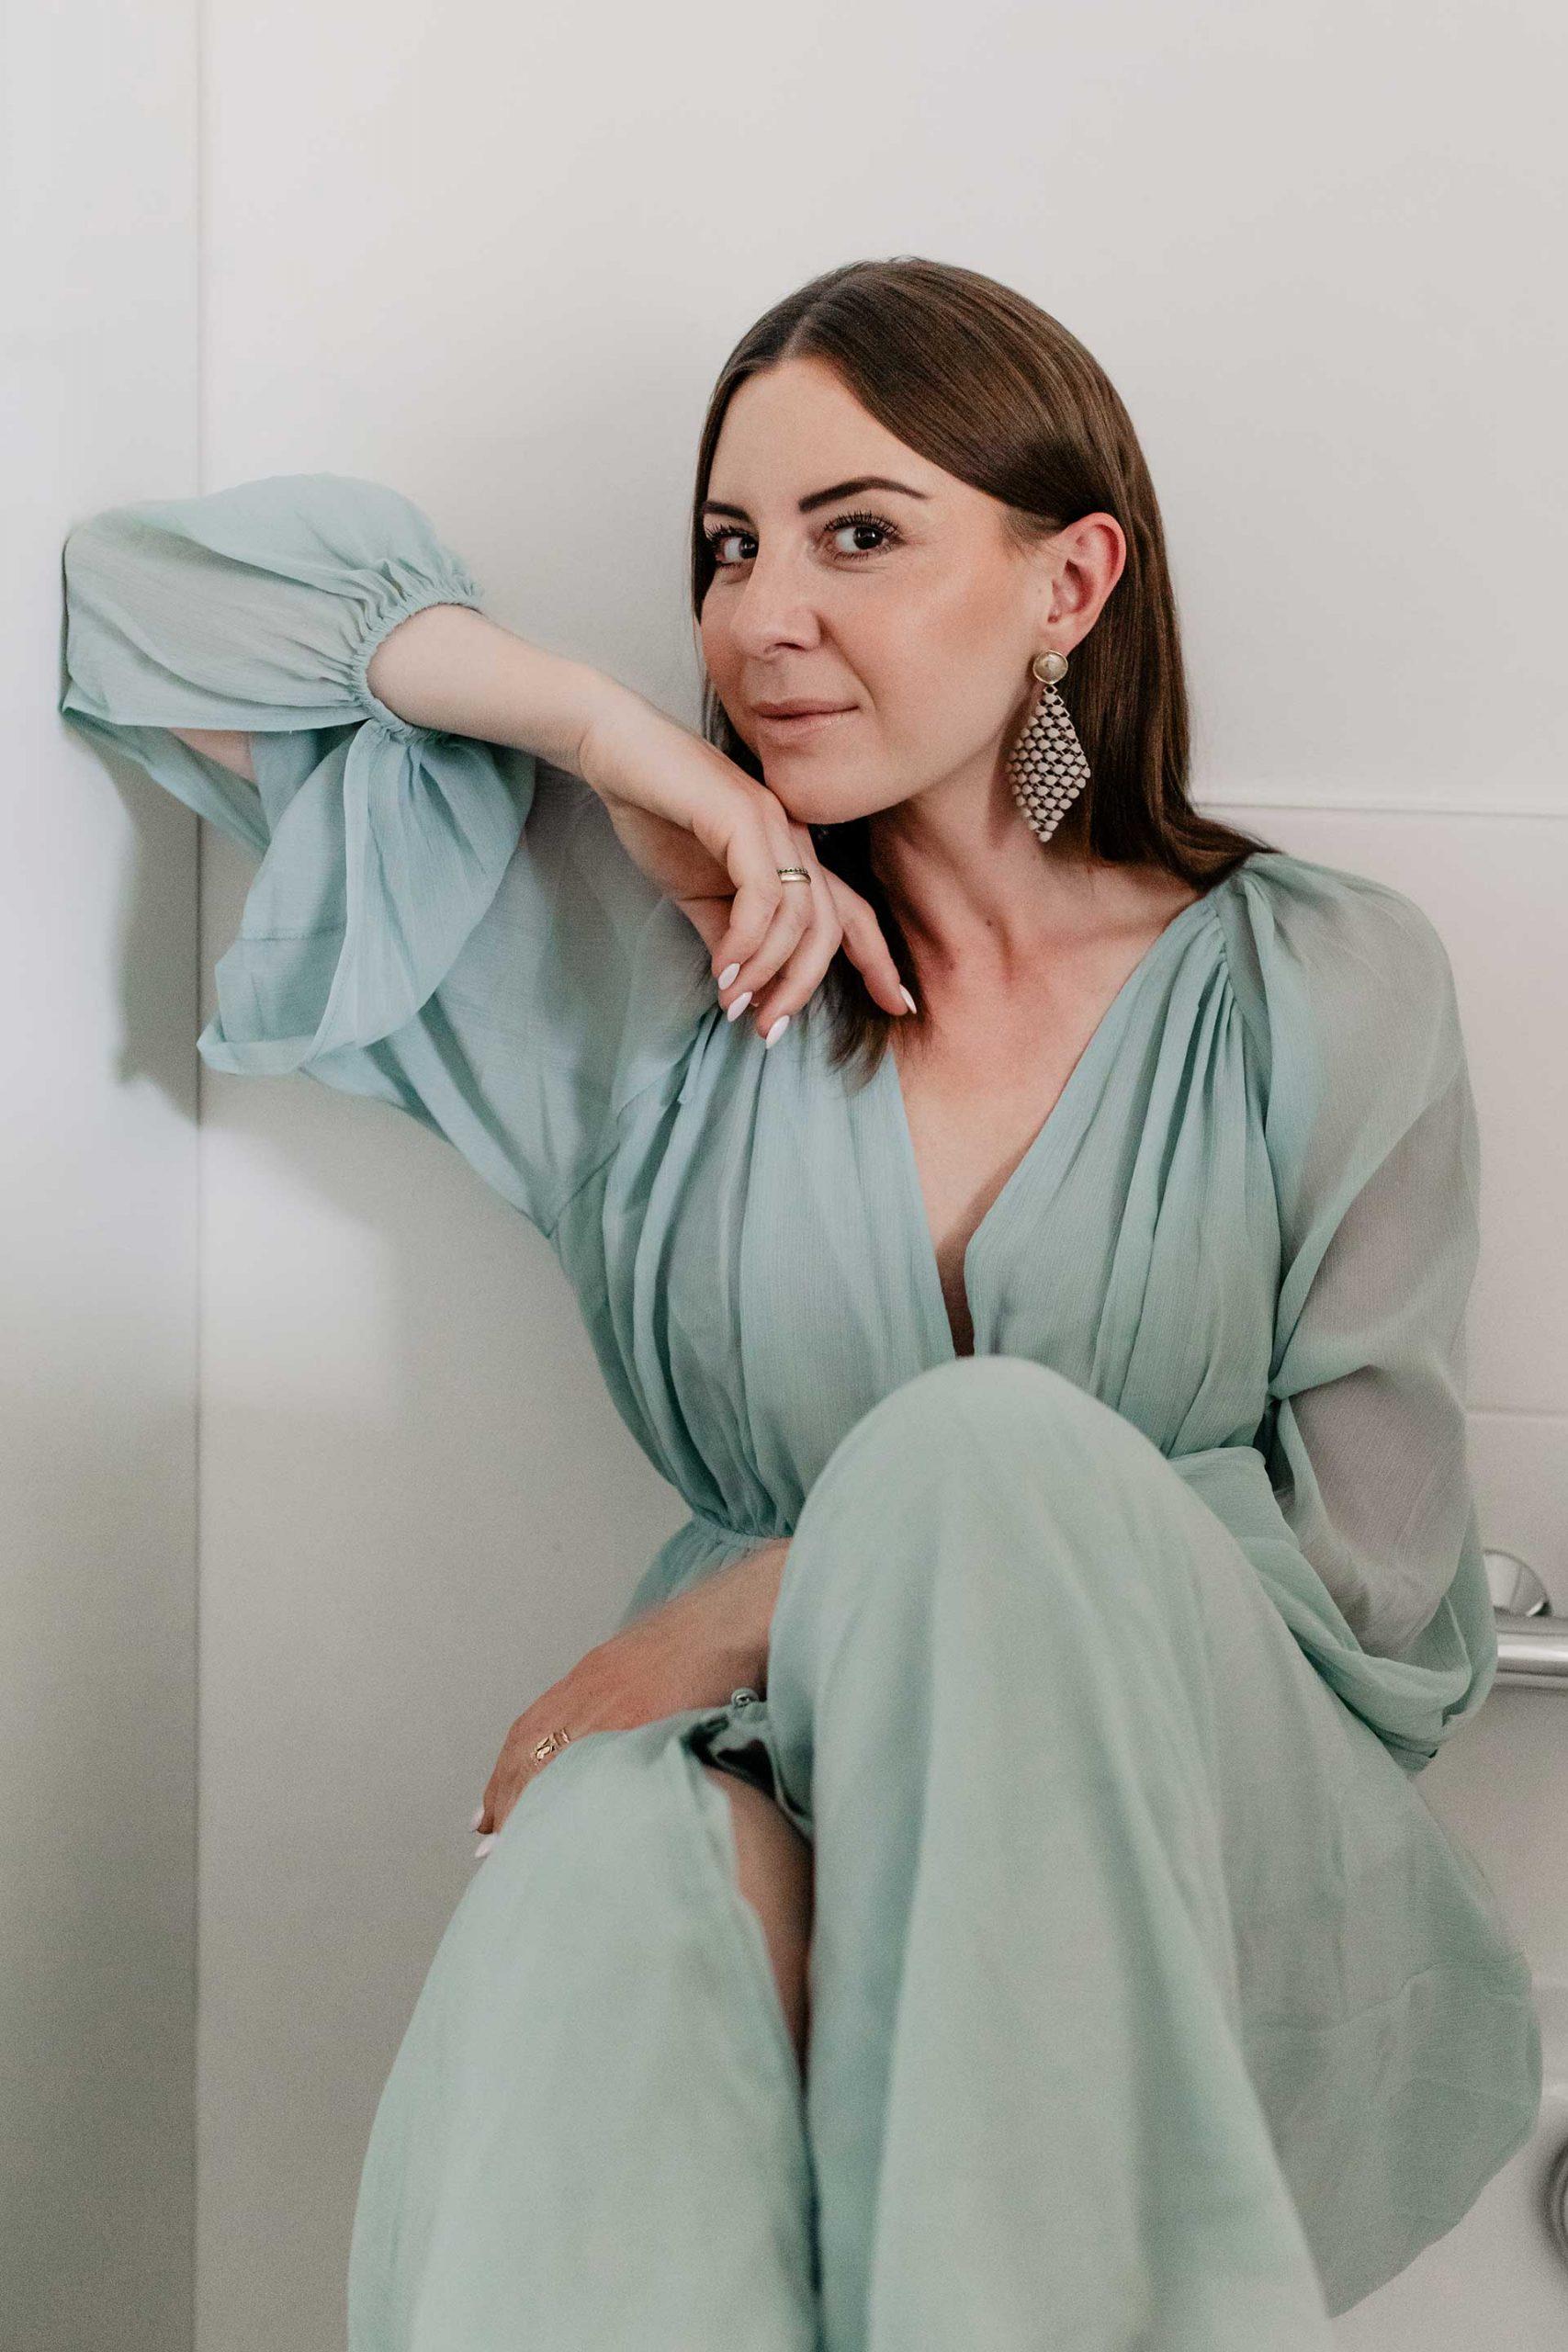 Anzeige. Keine Kompromisse bei Beautyprodukten! Ich habe eine neue Pflegelinie getestet, die absolut hält, was sie verspricht: Dr. Jetske Ultee. www.whoismocca.com